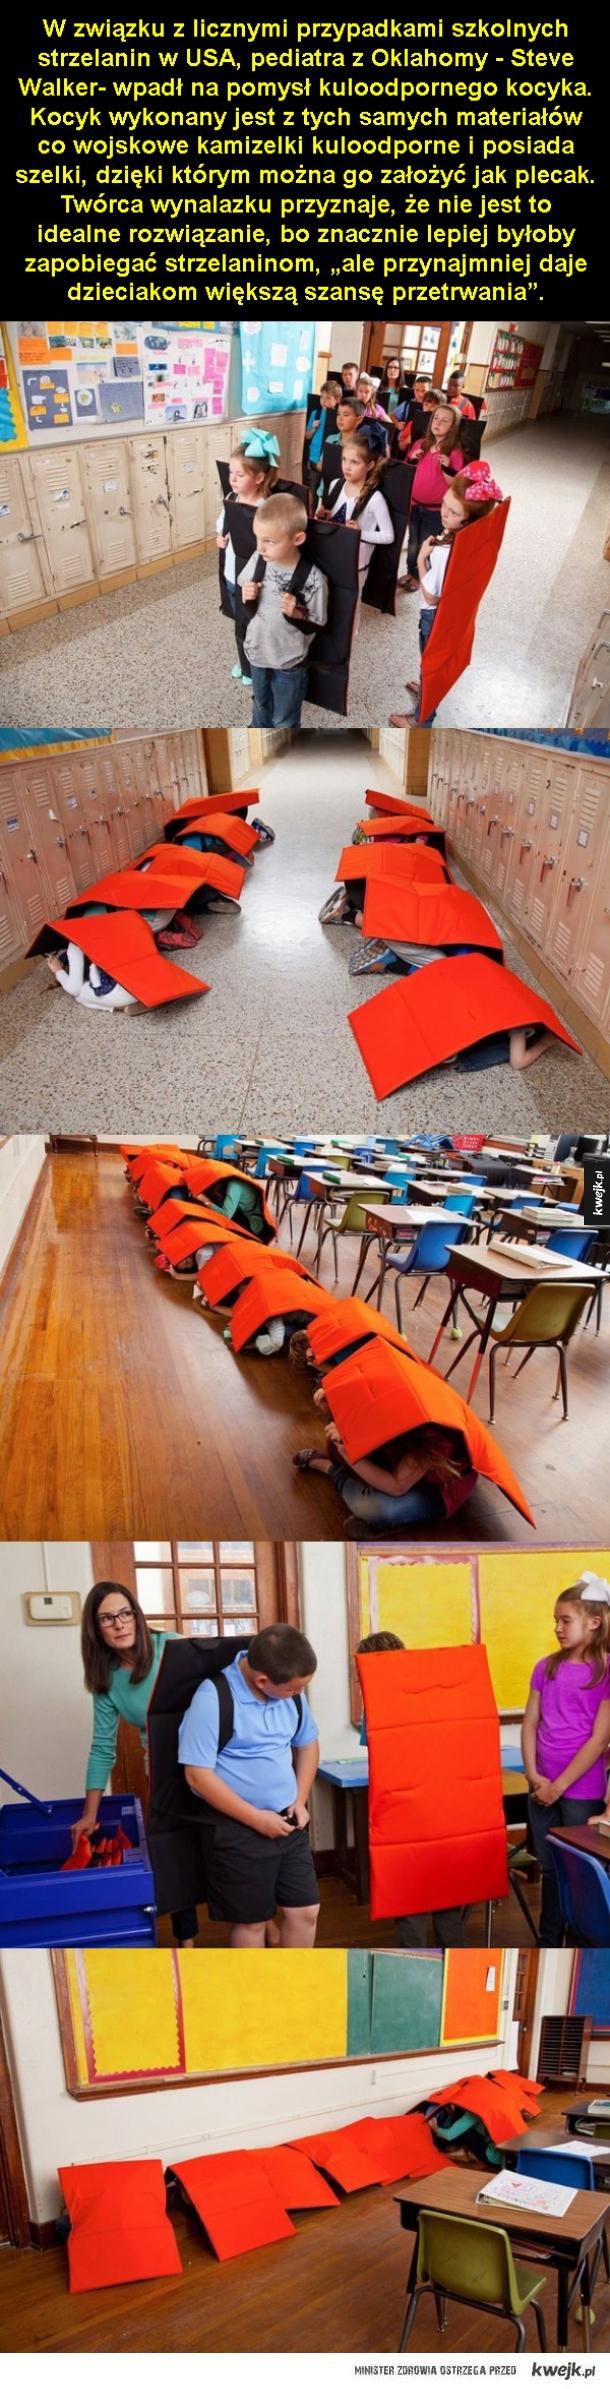 Nowy element szkolnej wyprawki w USA